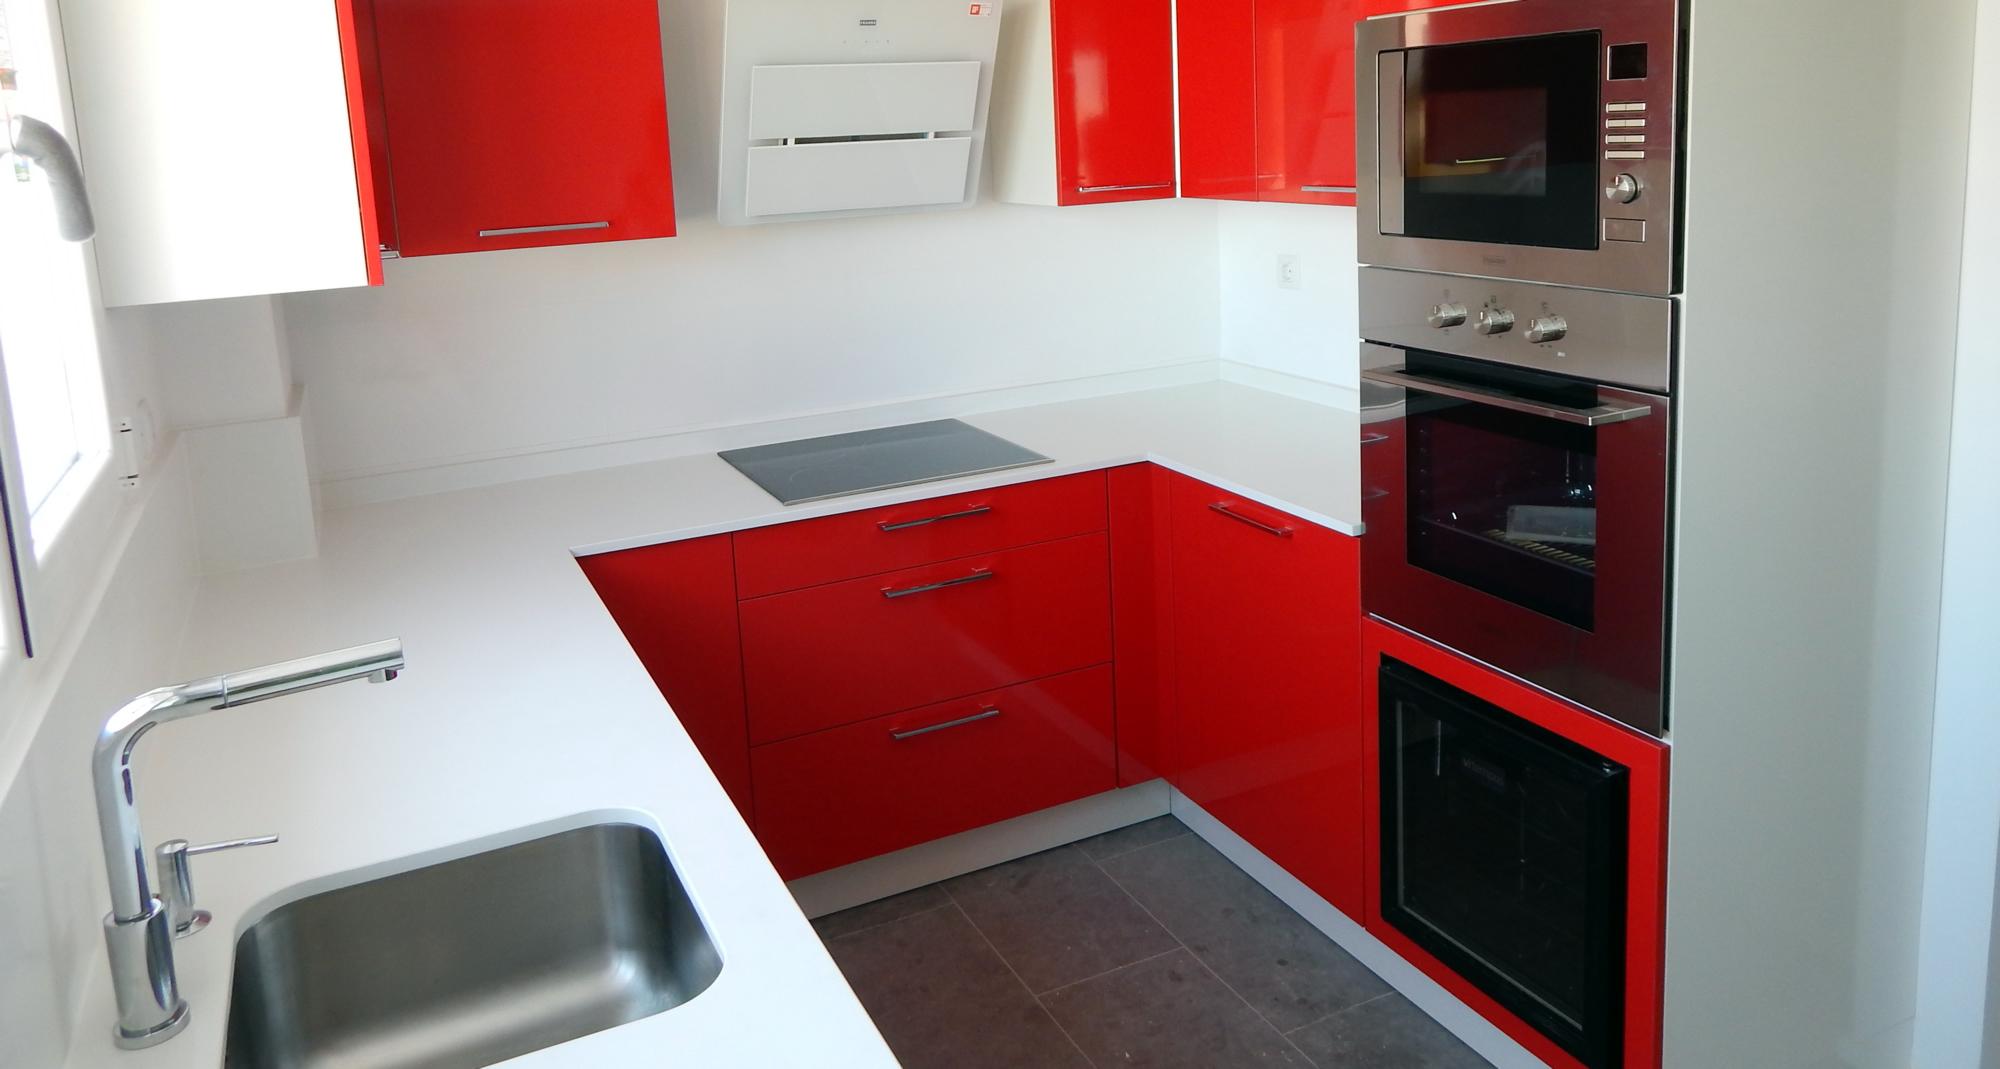 Muebles de cocina modelo neo en rojo for Muebles de cocina nectali